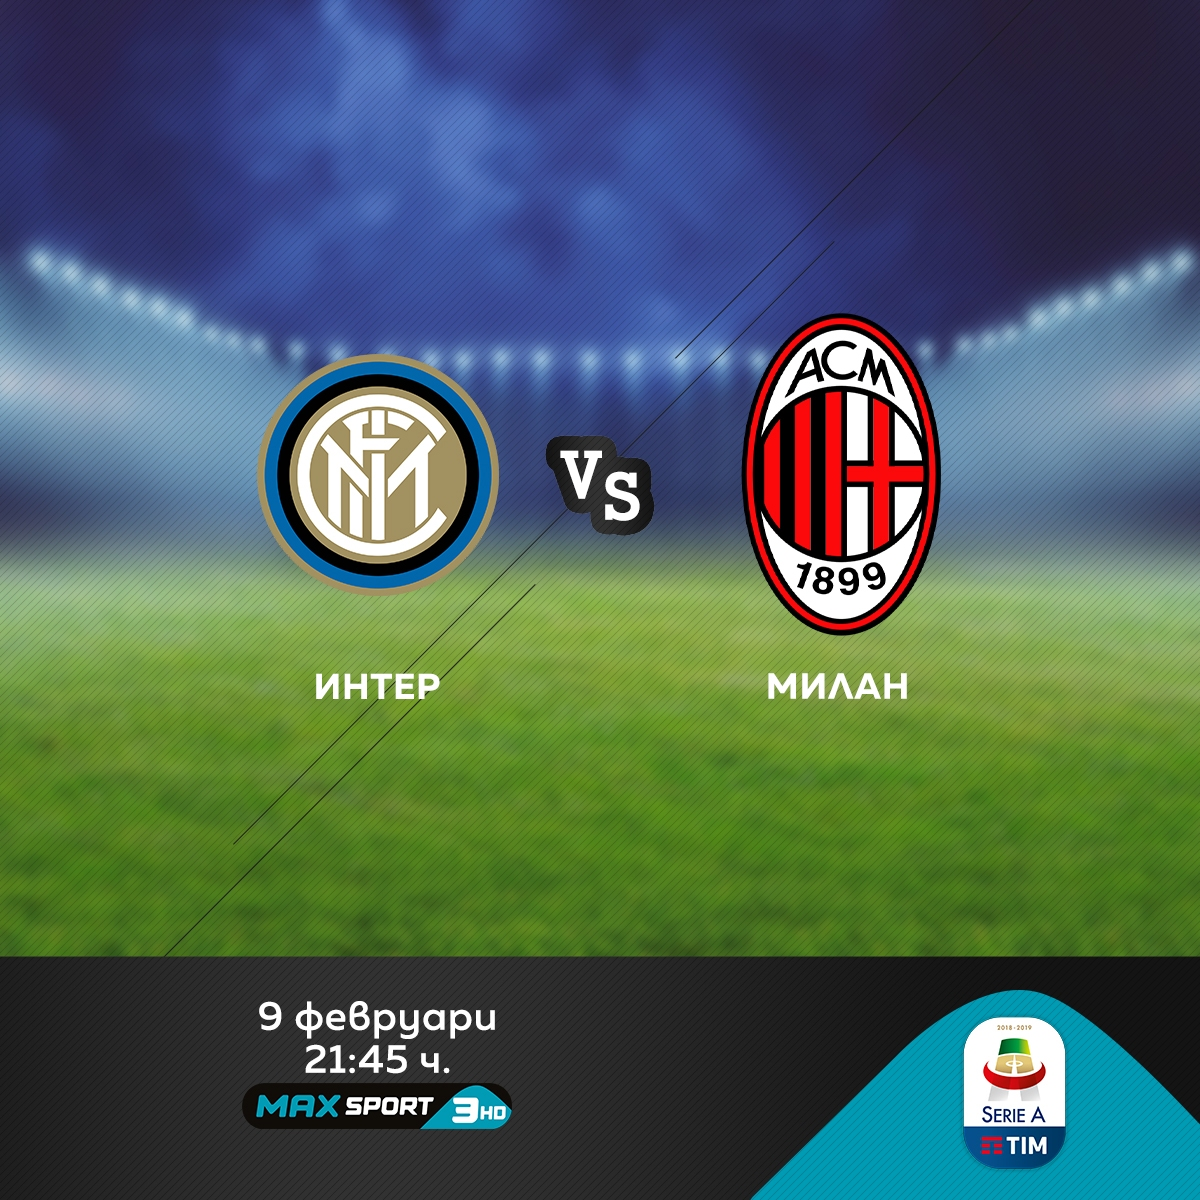 Голямото дерби на Милано между отборите на Интер и Милан